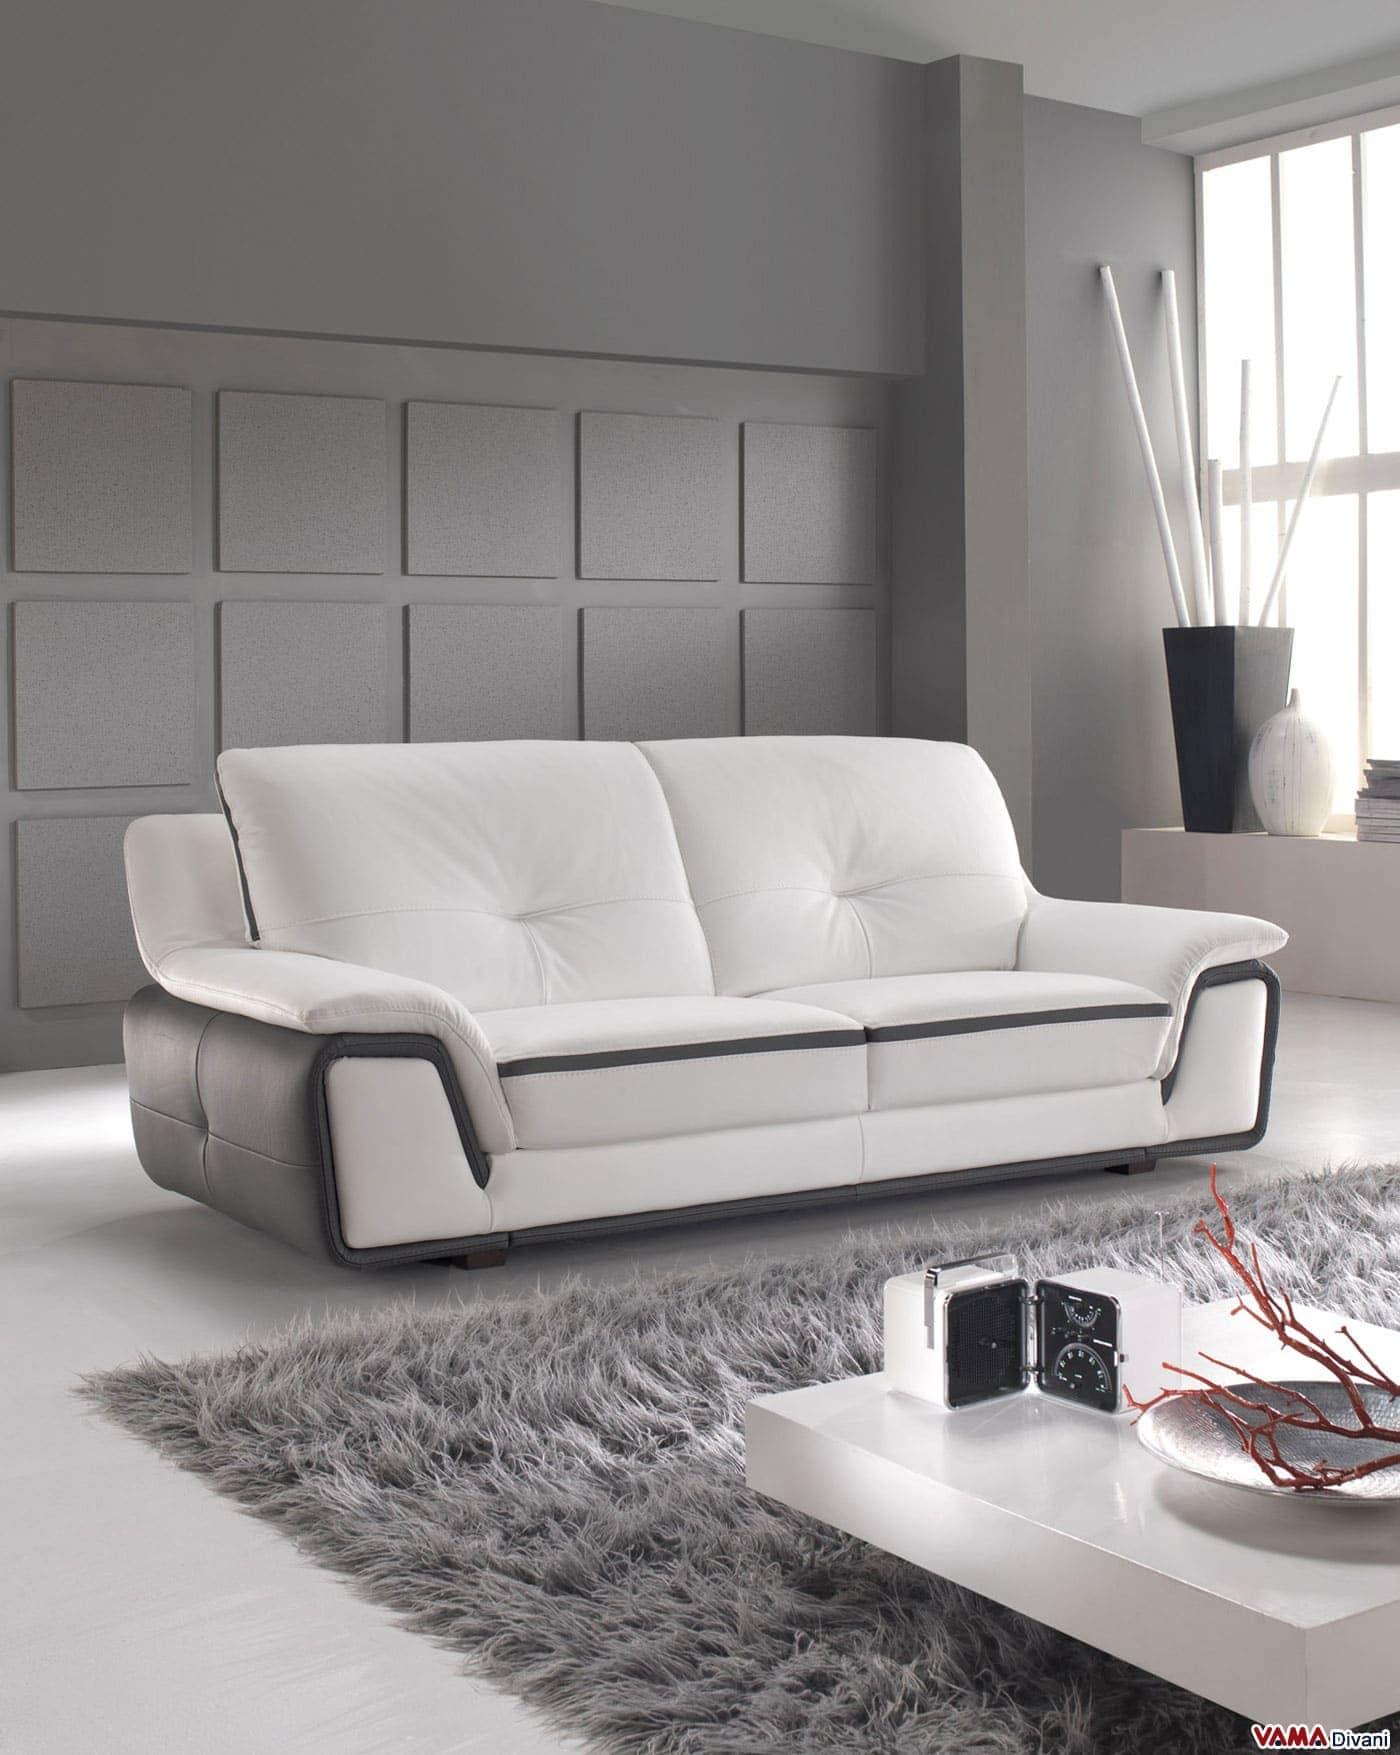 Divano moderno bianco e grigio in vera pelle - Divano bianco e grigio ...